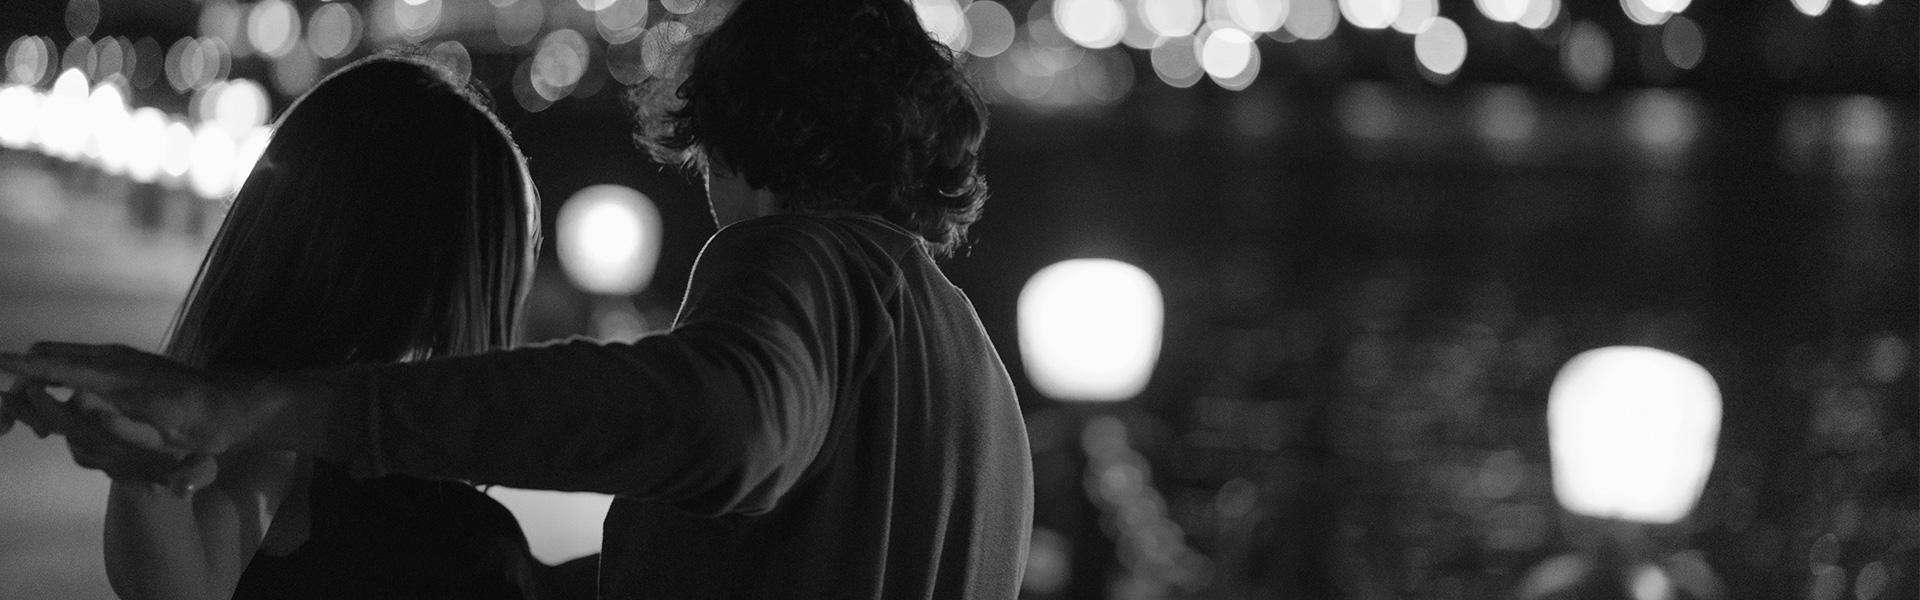 Pareja bailando al aire libre en la noche